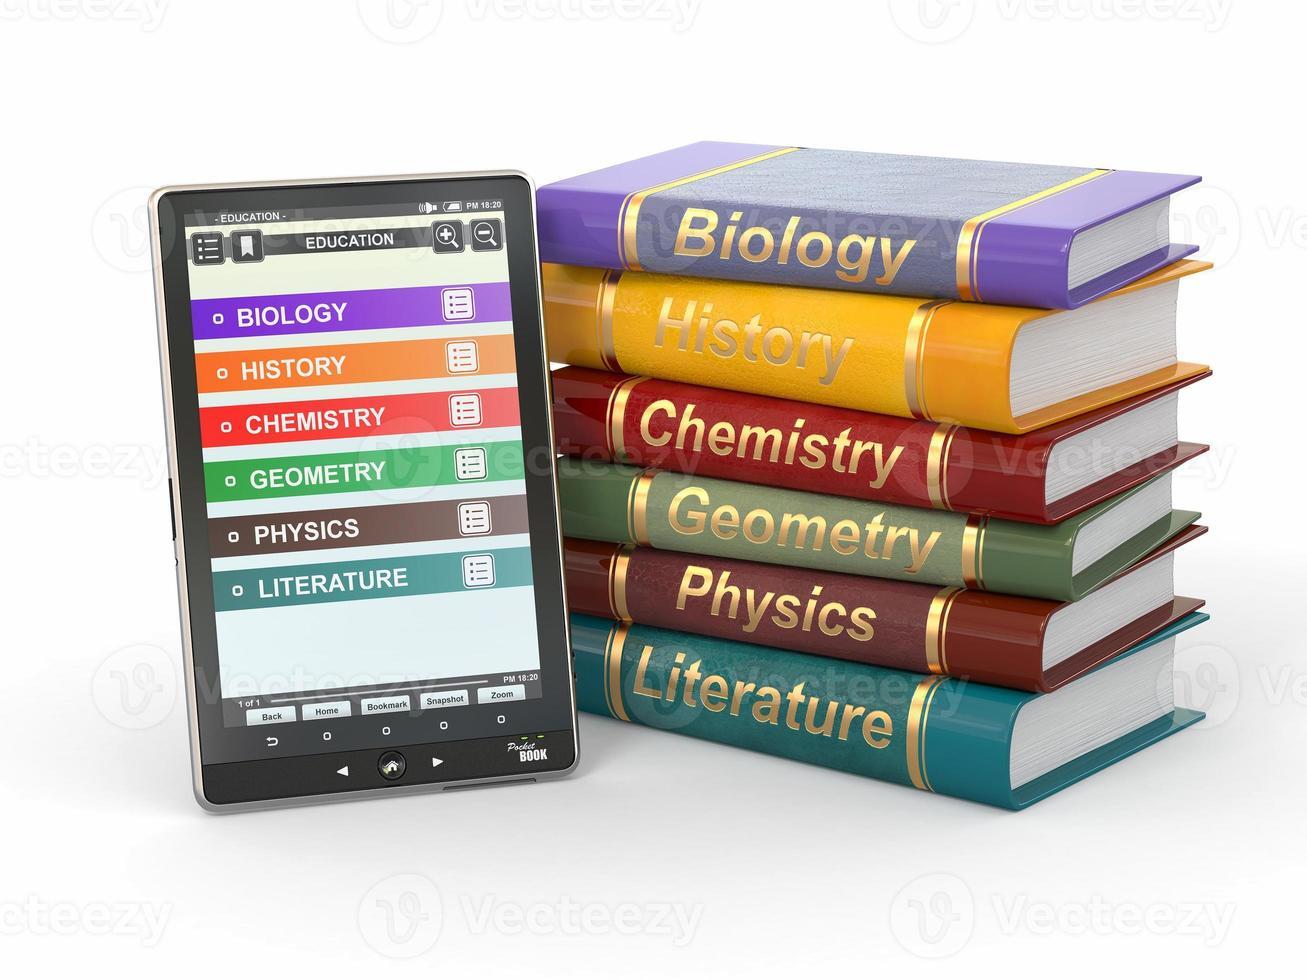 Ebook Reader. Lehrbücher und Tablet-PC foto